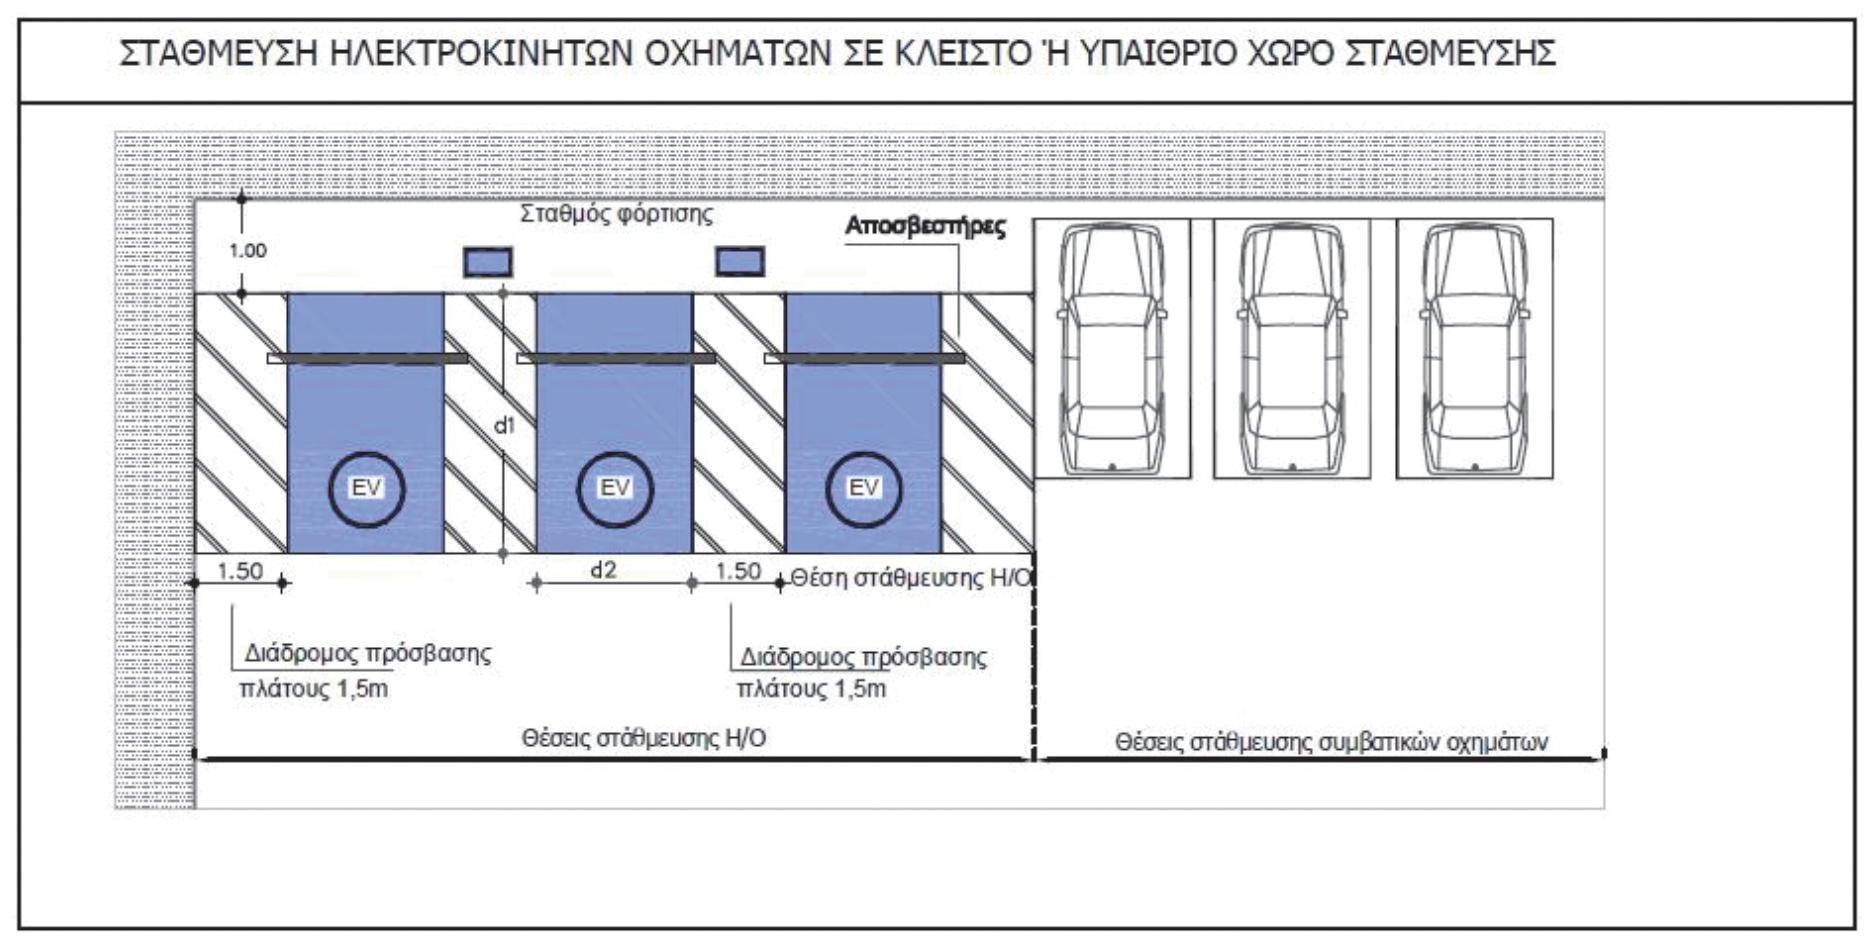 Ενδεικτική χωροθέτηση θέσεων στάθμευσης και σταθμών επαναφόρτισης σε κλειστό ή υπαίθριο χώρο στάθμευσης